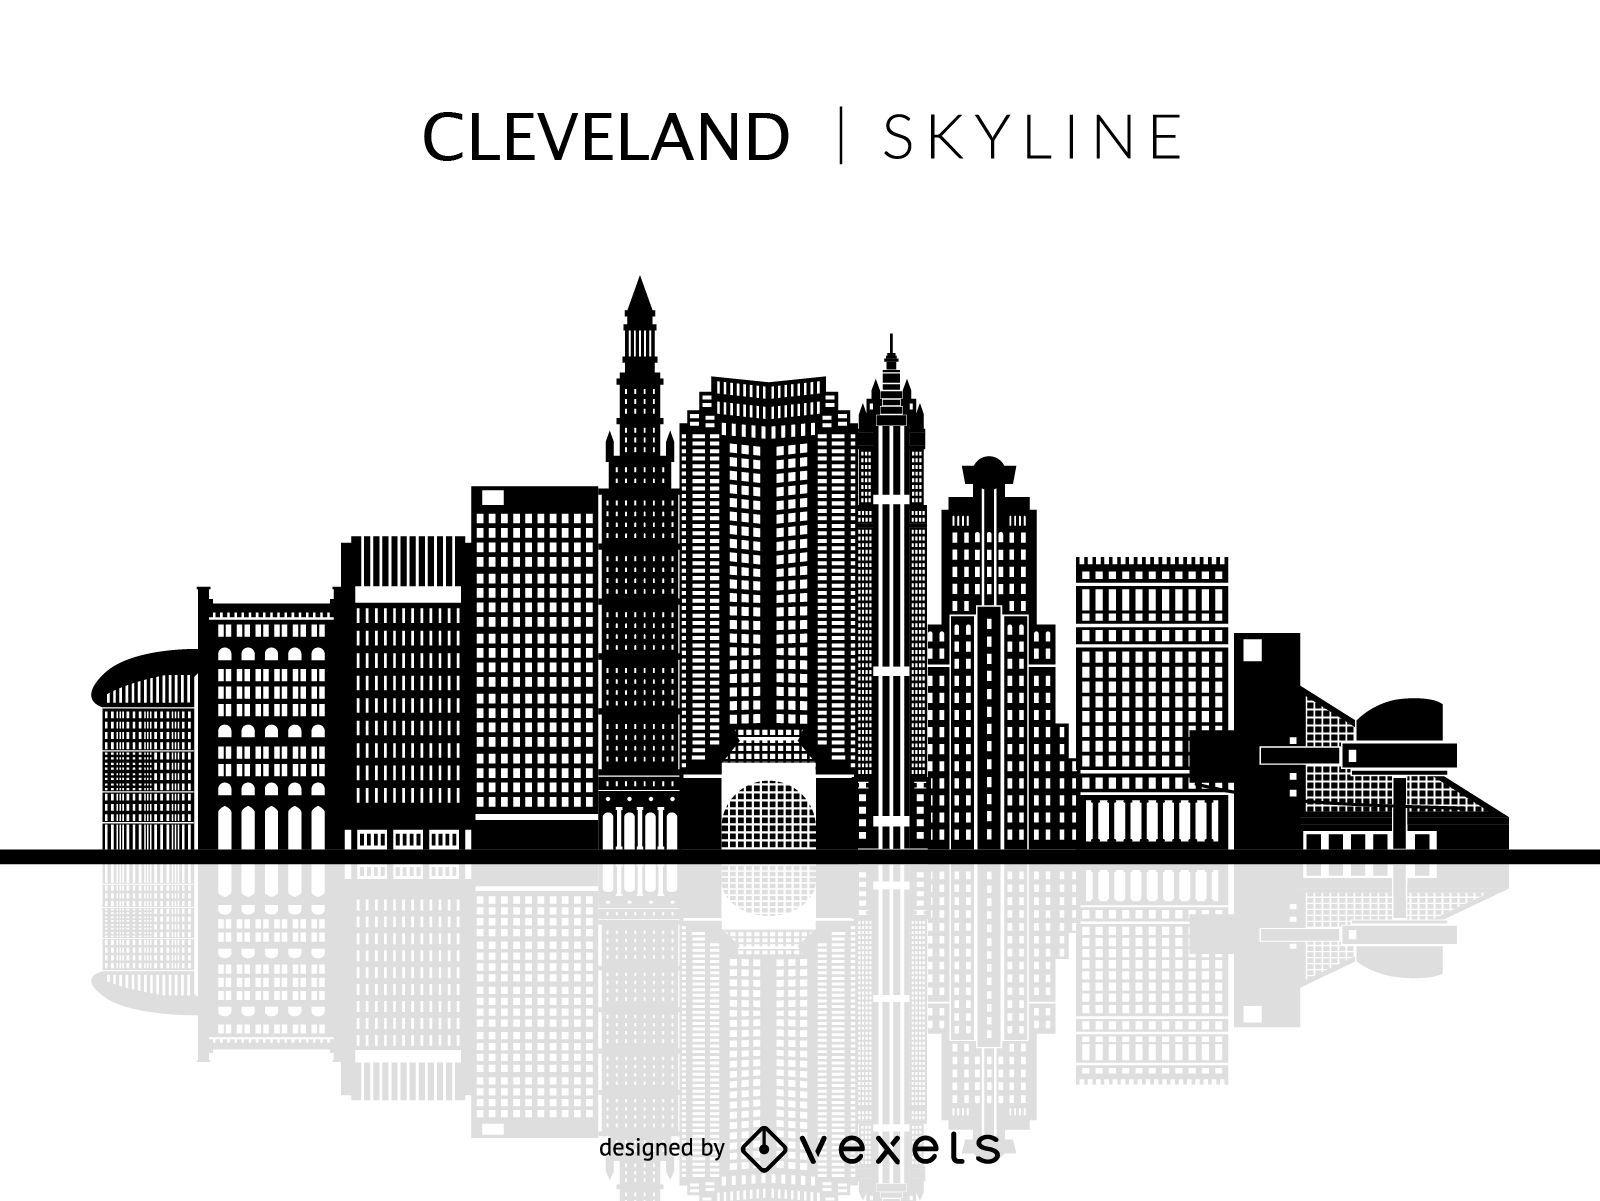 Cleveland skyline isolated